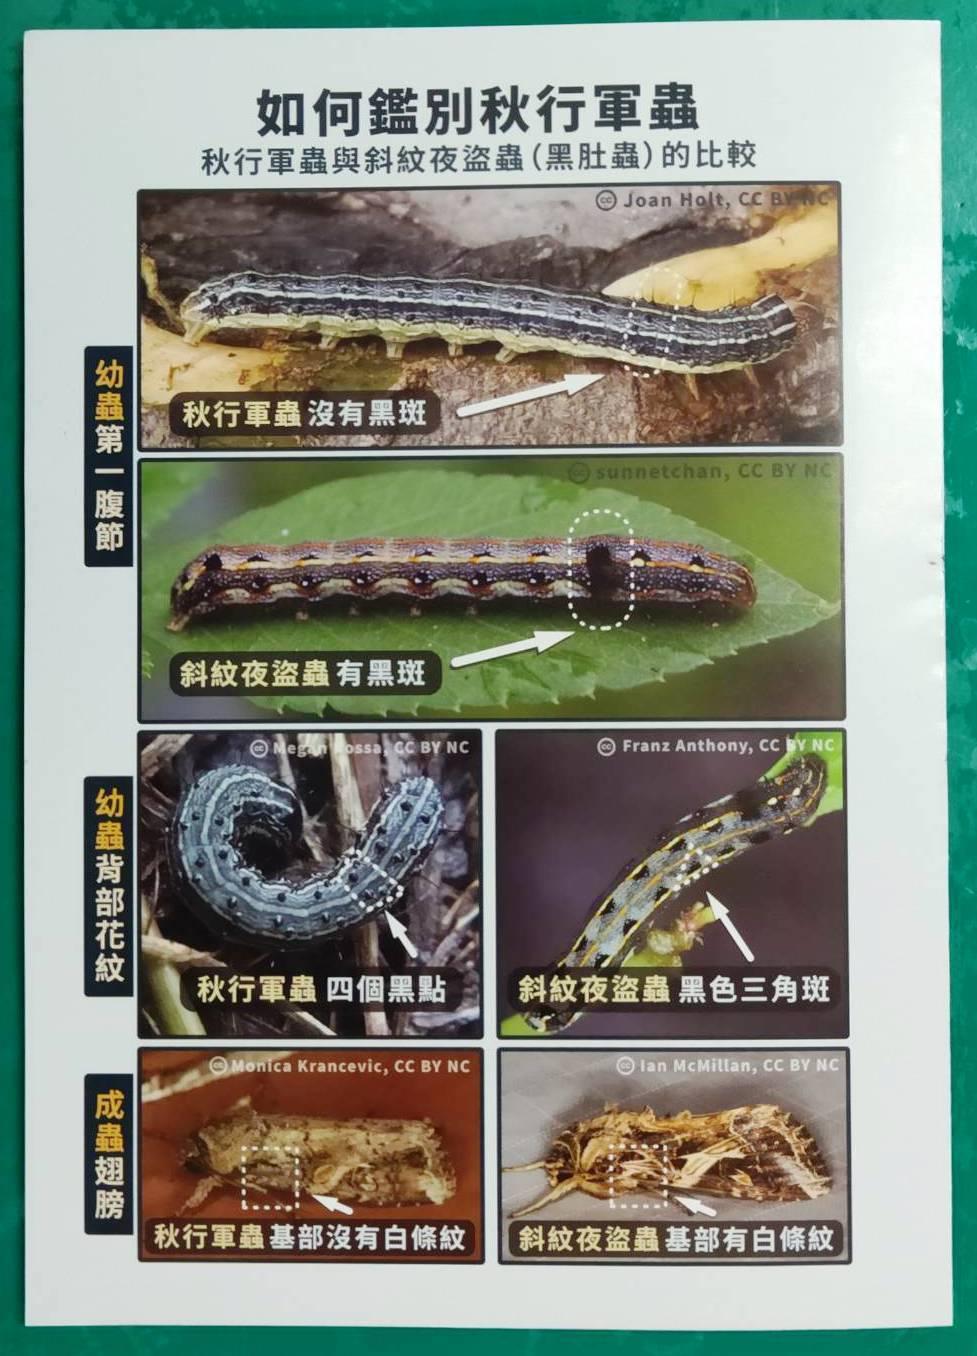 新入侵的秋行軍蟲與多年來常見斜紋夜蟲很相似,防檢局印製摺頁教導民眾如何分辨。記者...